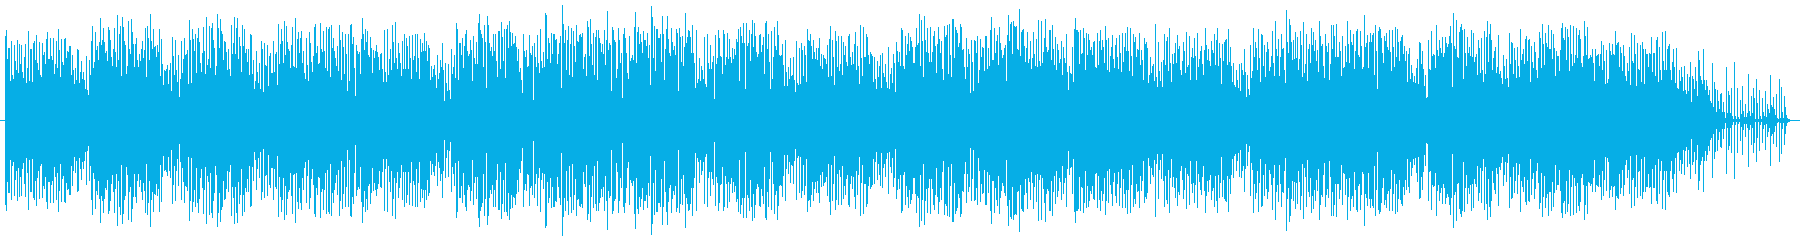 ギターの旋律が印象的な切ないポップスの再生済みの波形